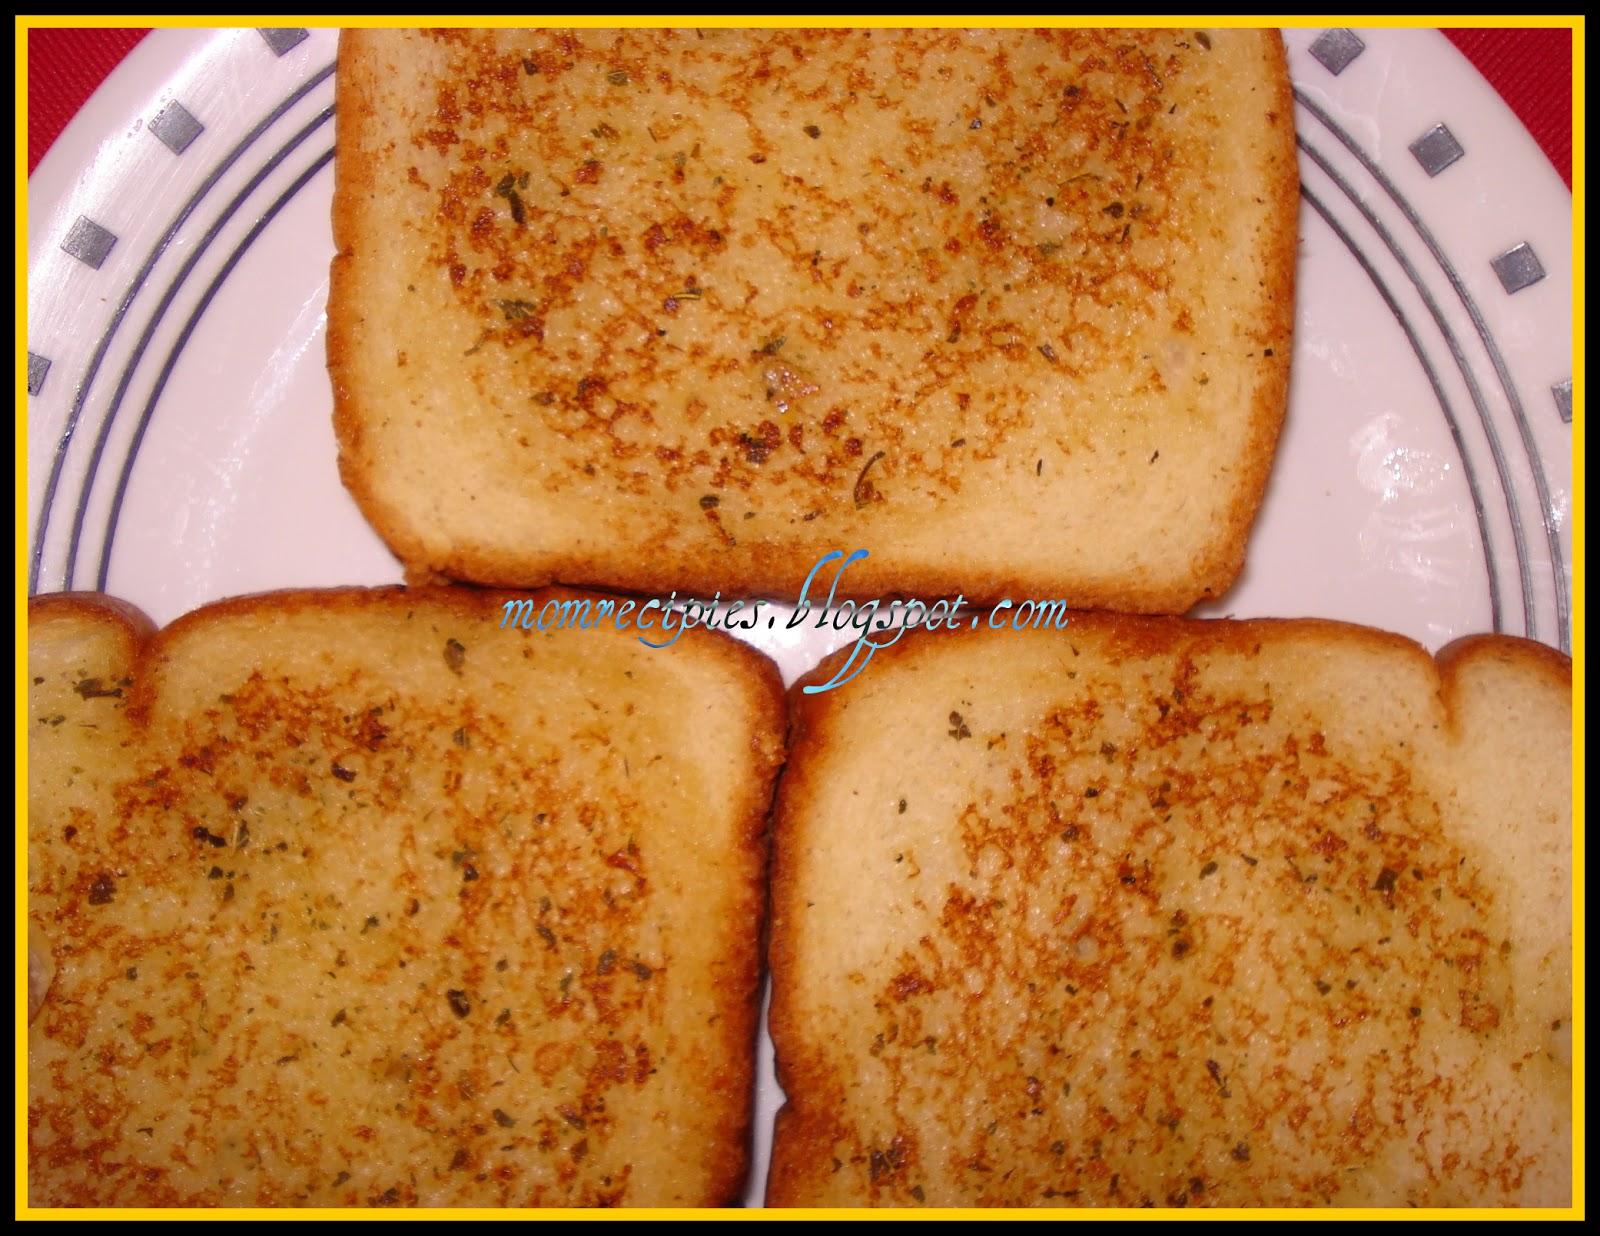 Mom's Recipies: Easy Garlic Bread